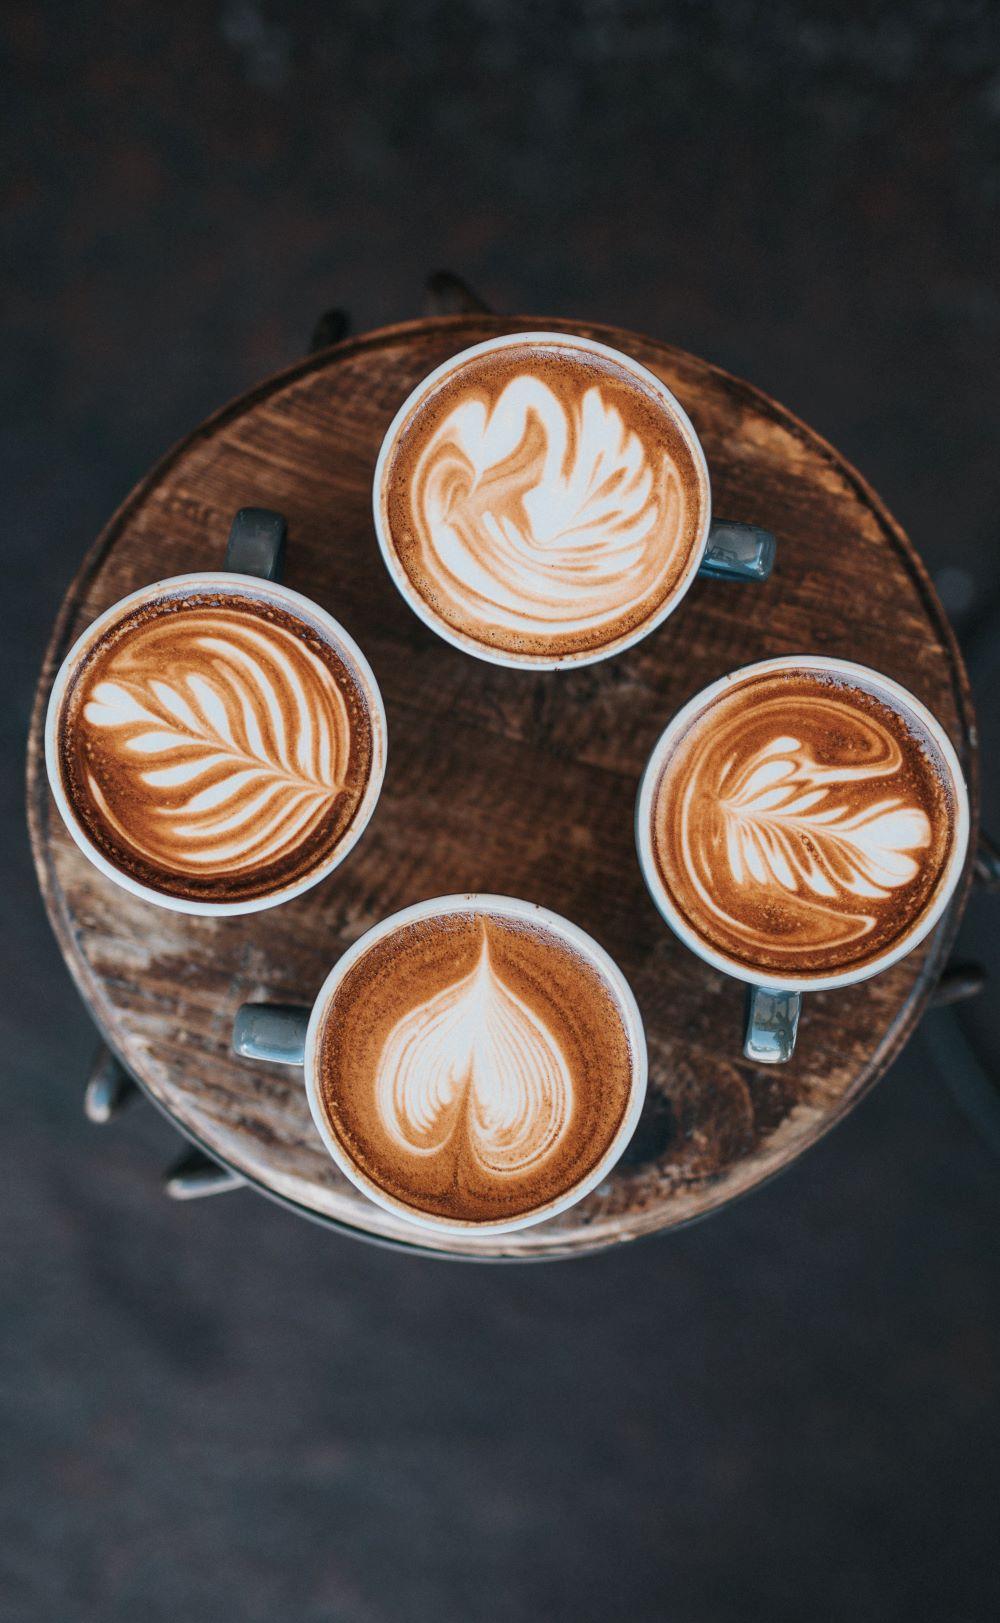 Kaffeekreationen aus dem Kaffeevollautomaten